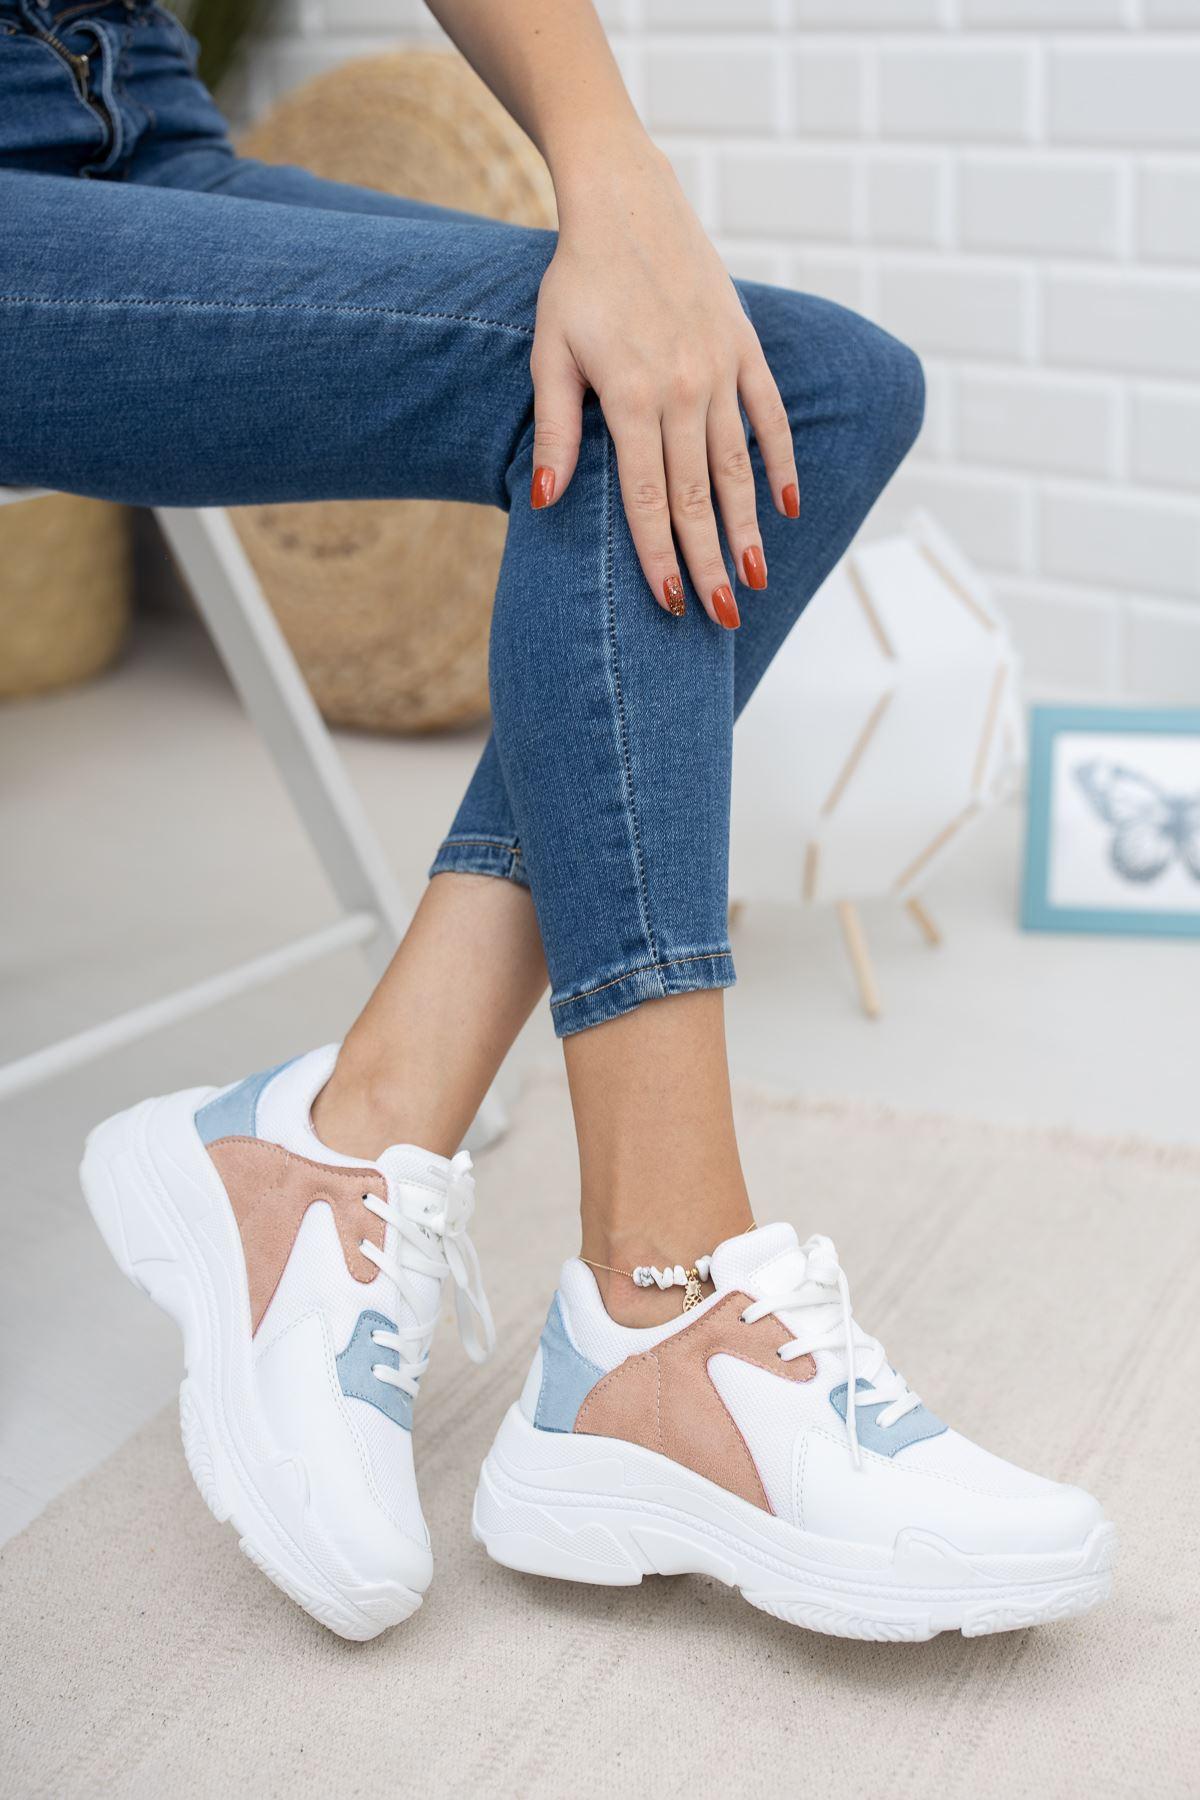 Loic Mavi Pudra Garnili Beyaz Spor Ayakkabı